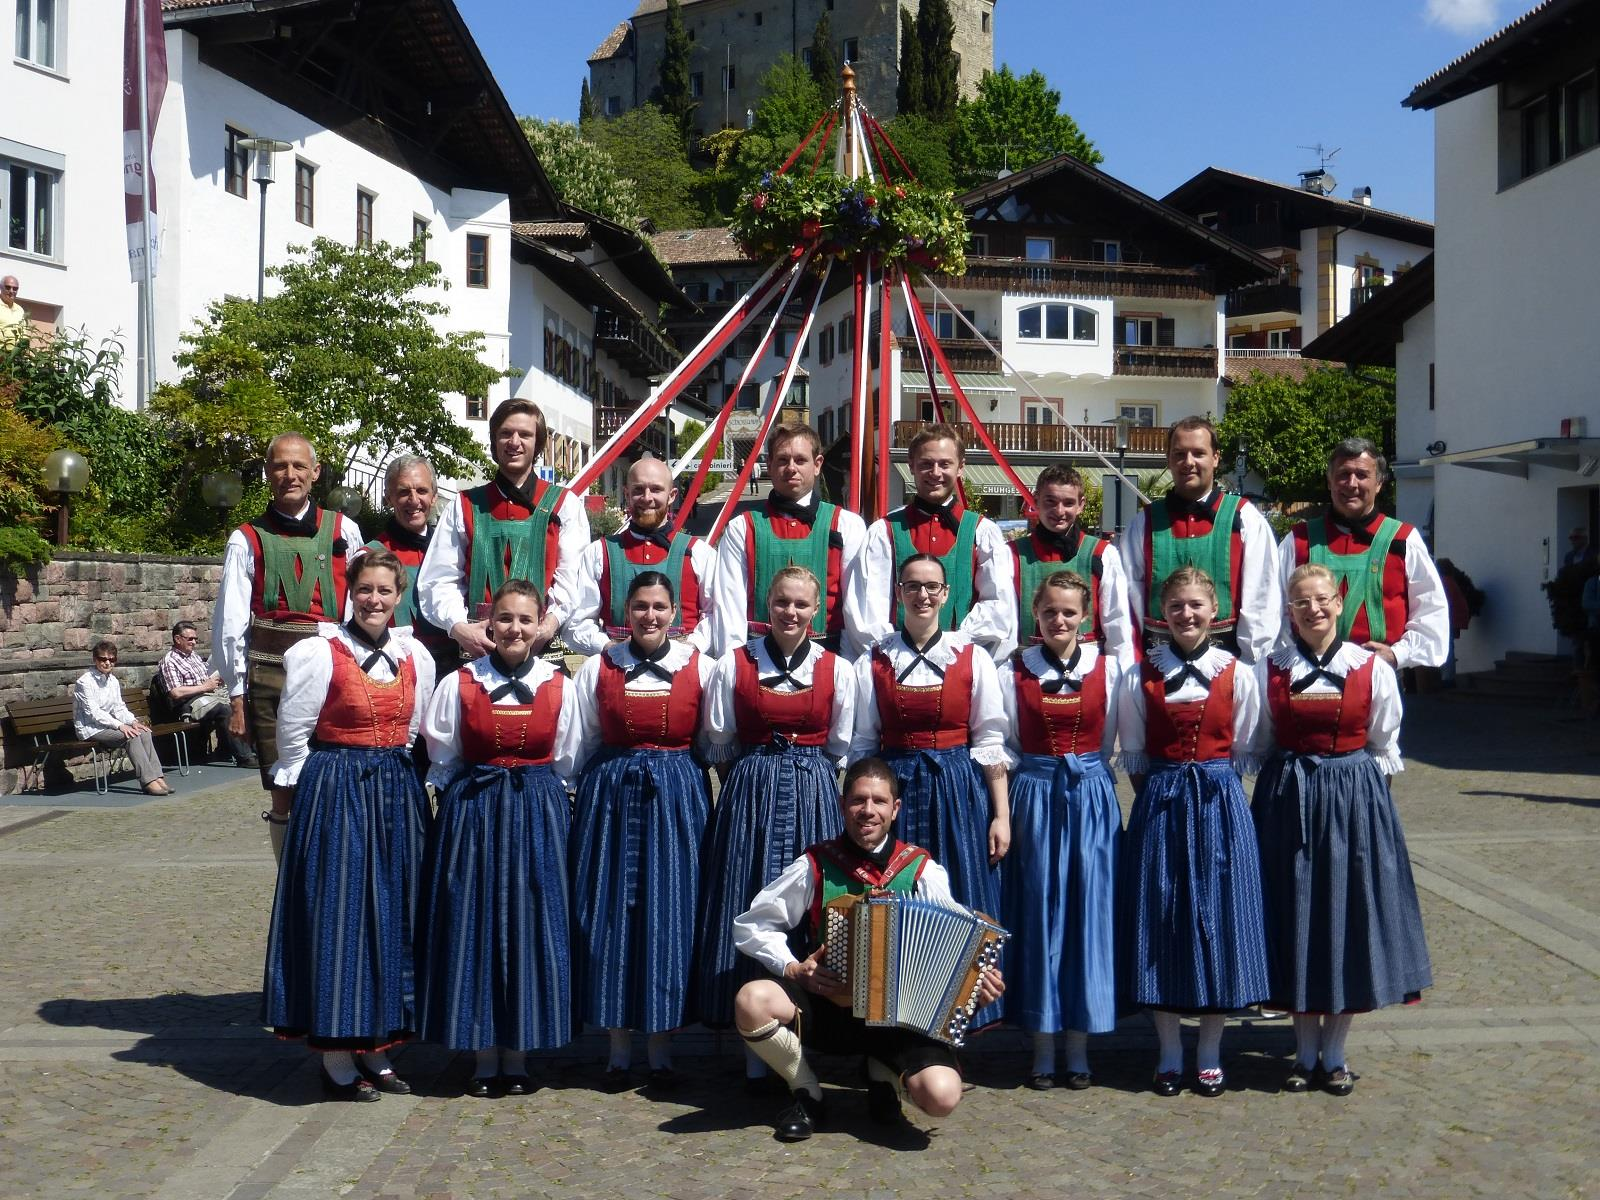 Erntedank: Reifltanz der Volkstangruppe Schenna auf dem Raiffeisenplatz Schenna